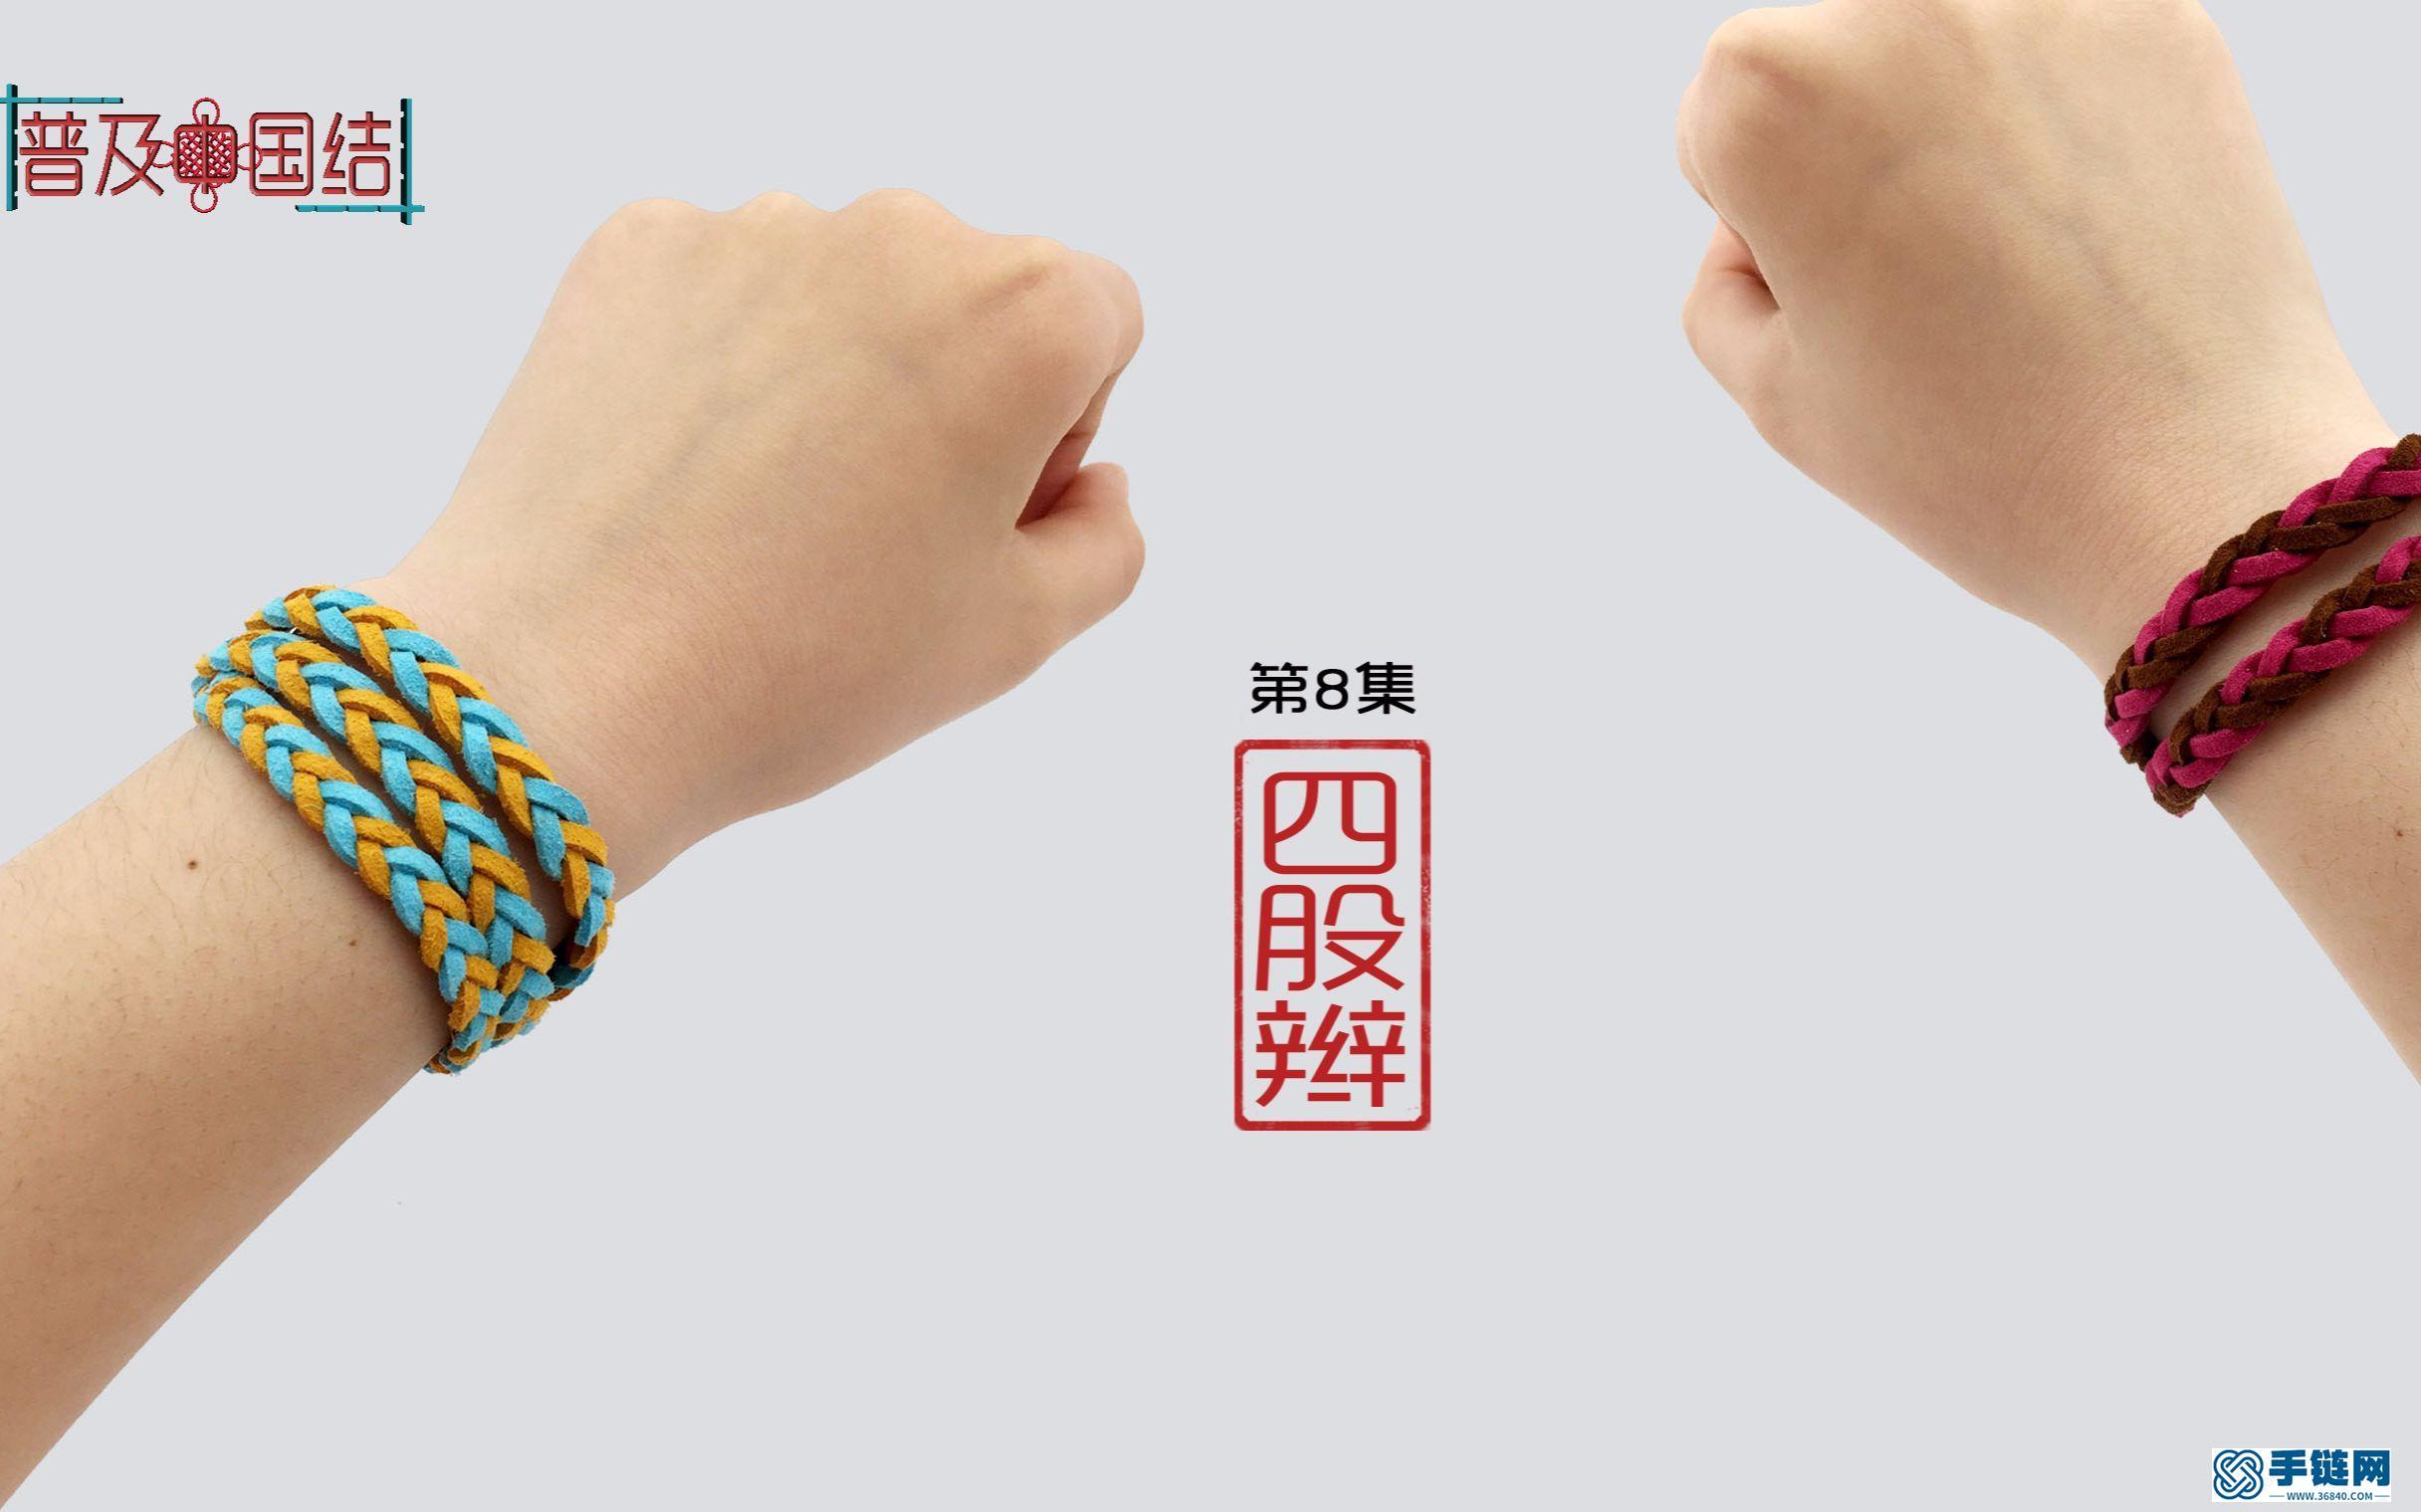 (第八集)_新手向四股辫_03编绳视频教程